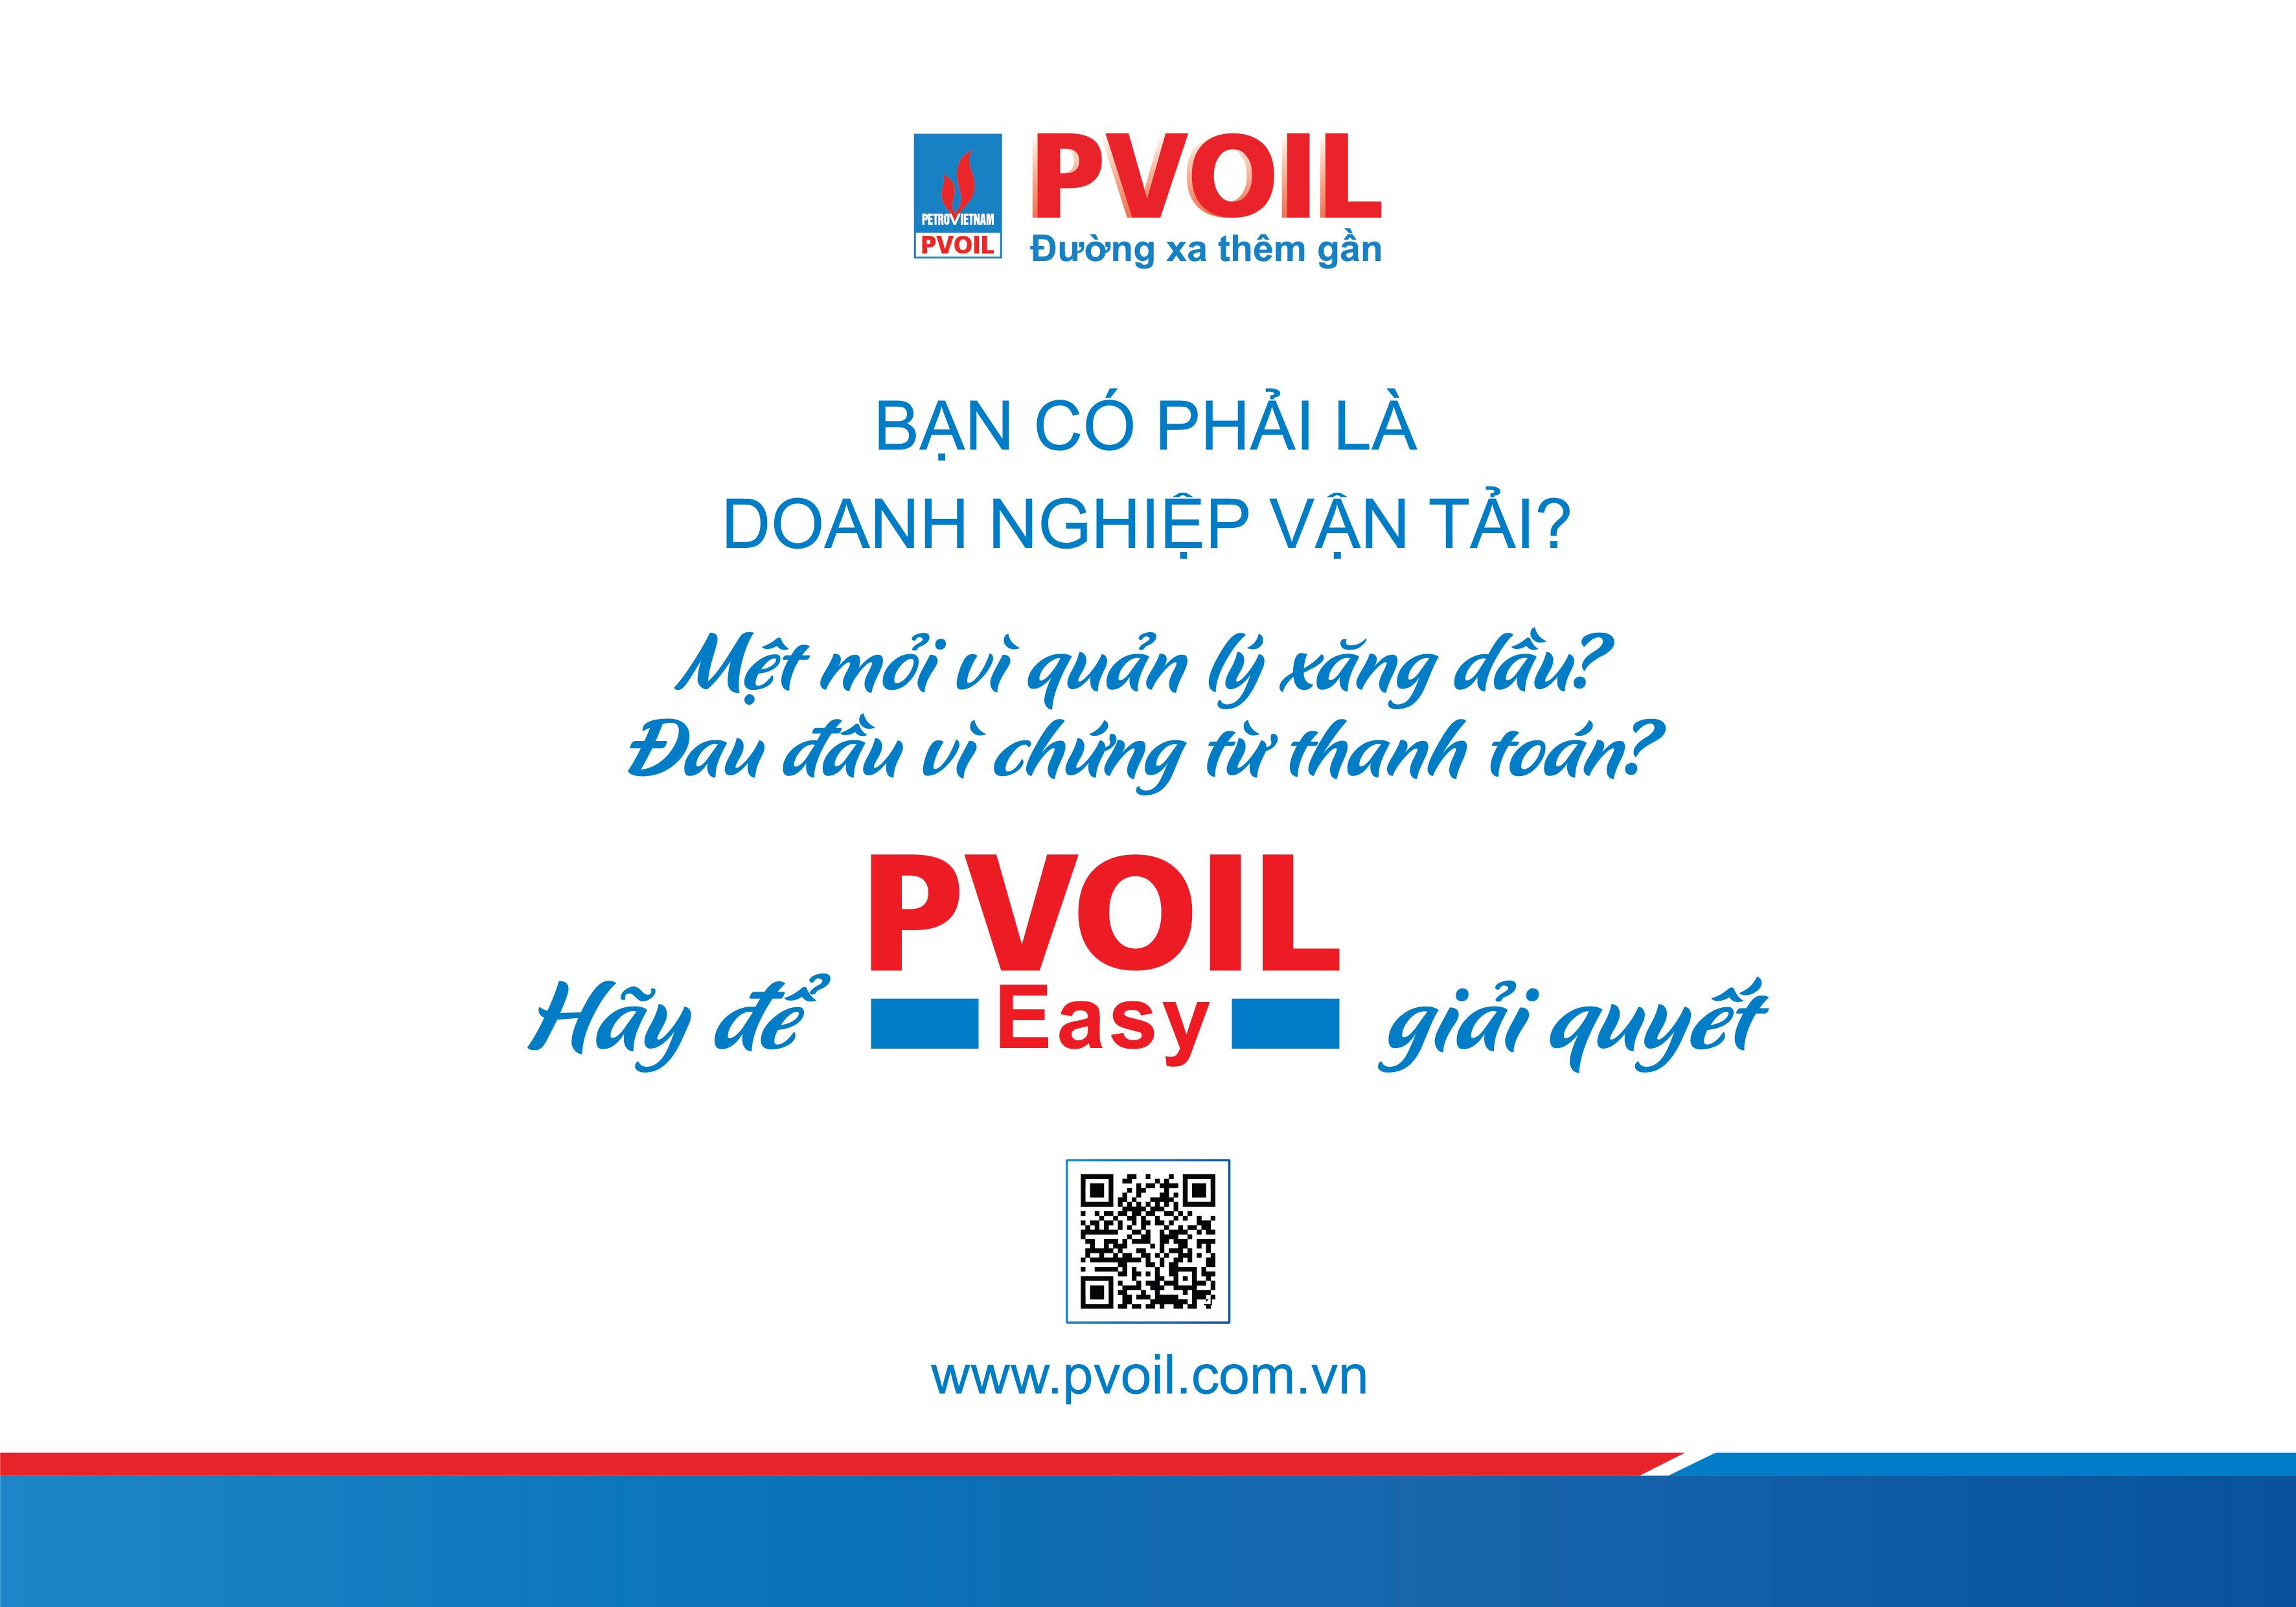 tcty-dau-vn-pvoil-chuoi-5-talk